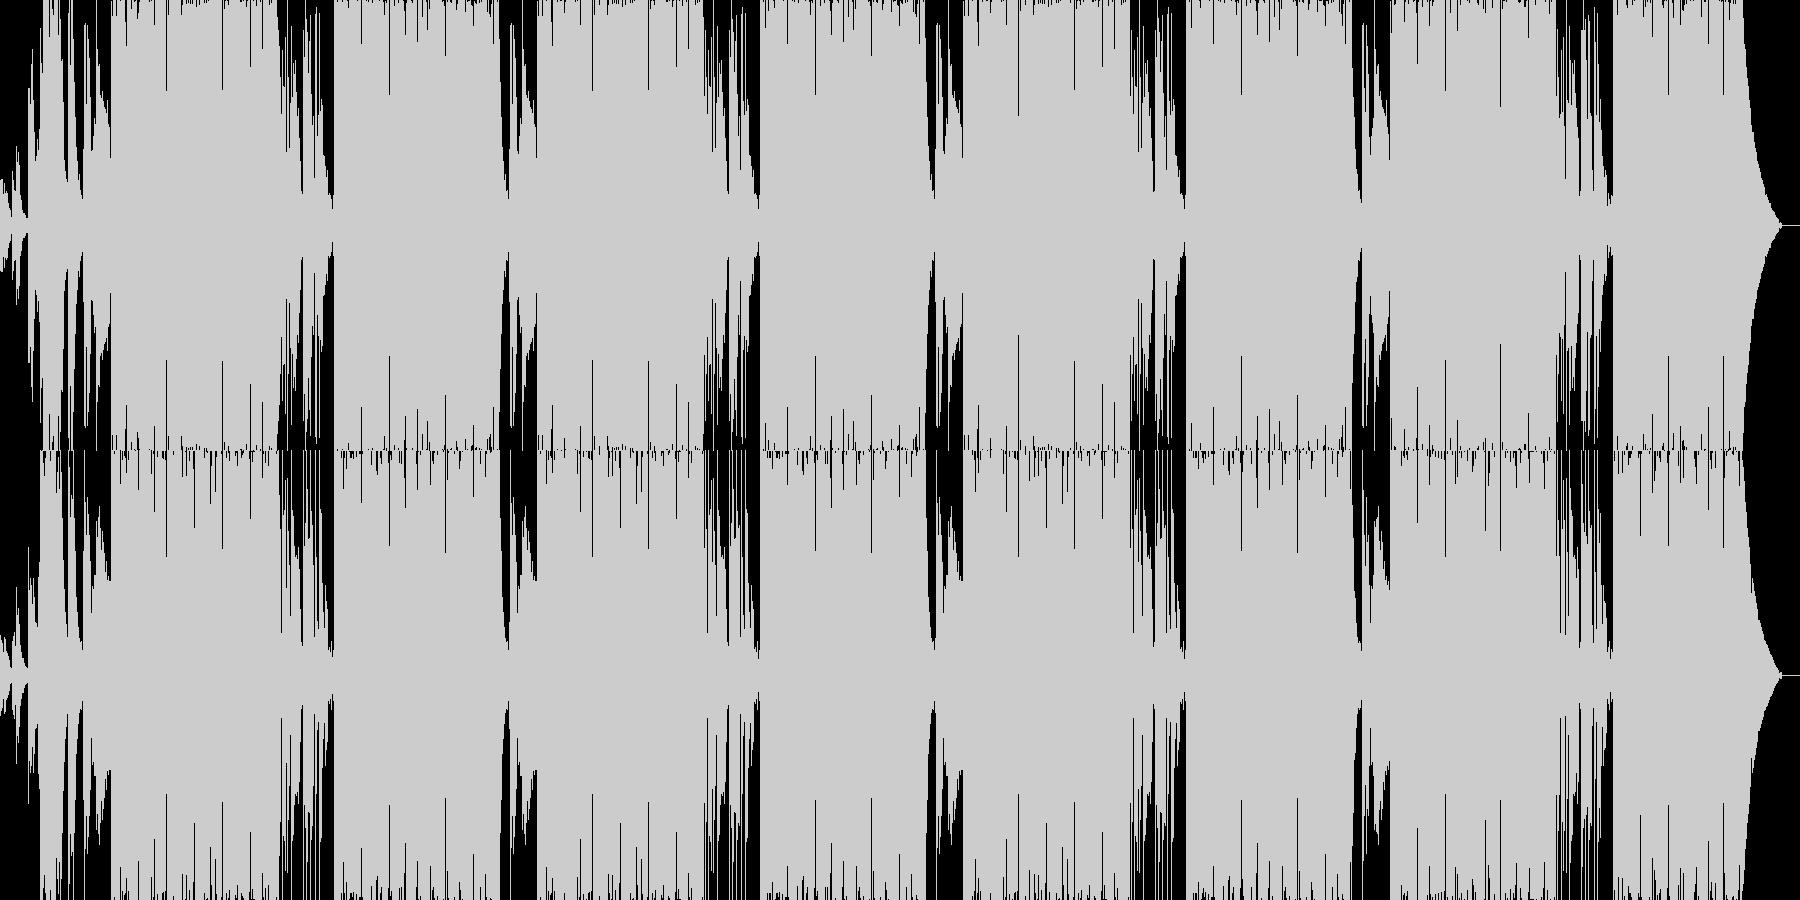 ファンキーでリズミカルなサウンドの未再生の波形